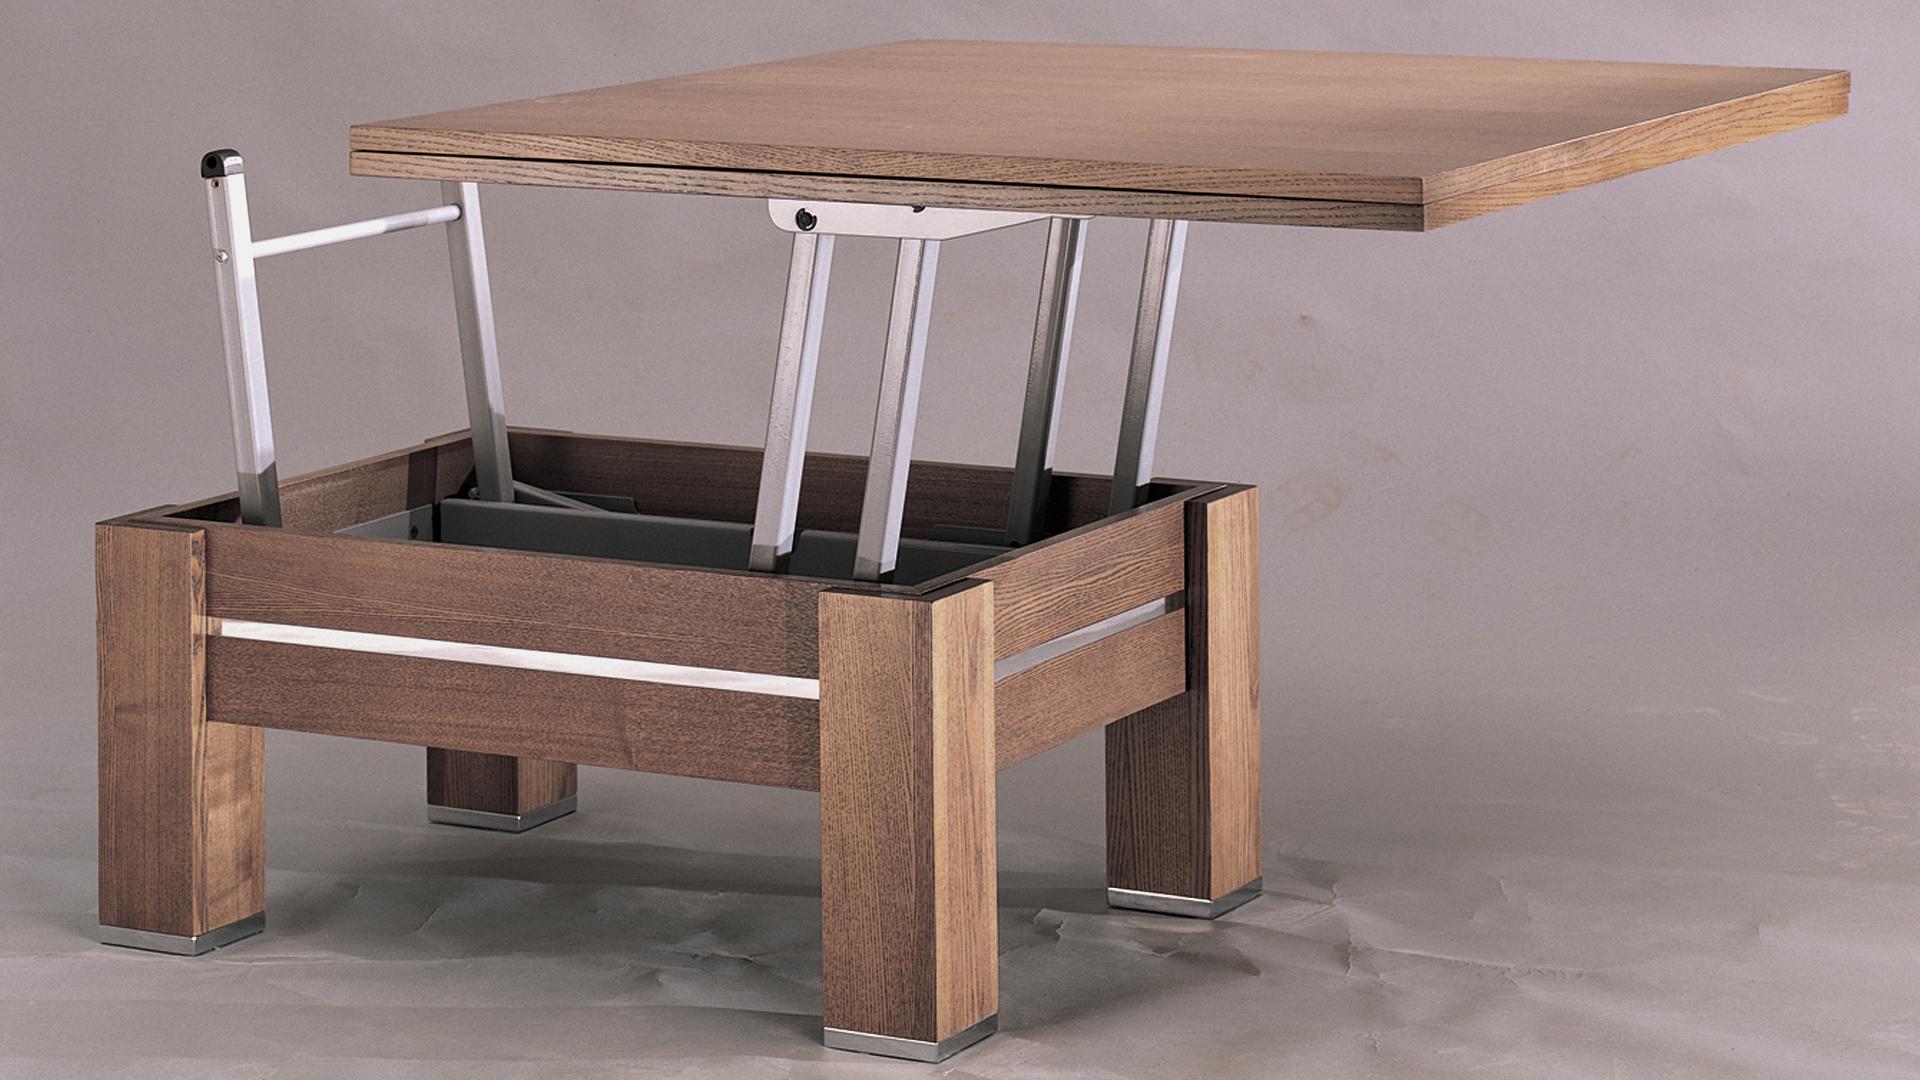 Стол трансформер своими руками 300 фото, чертежи, инструкции 76